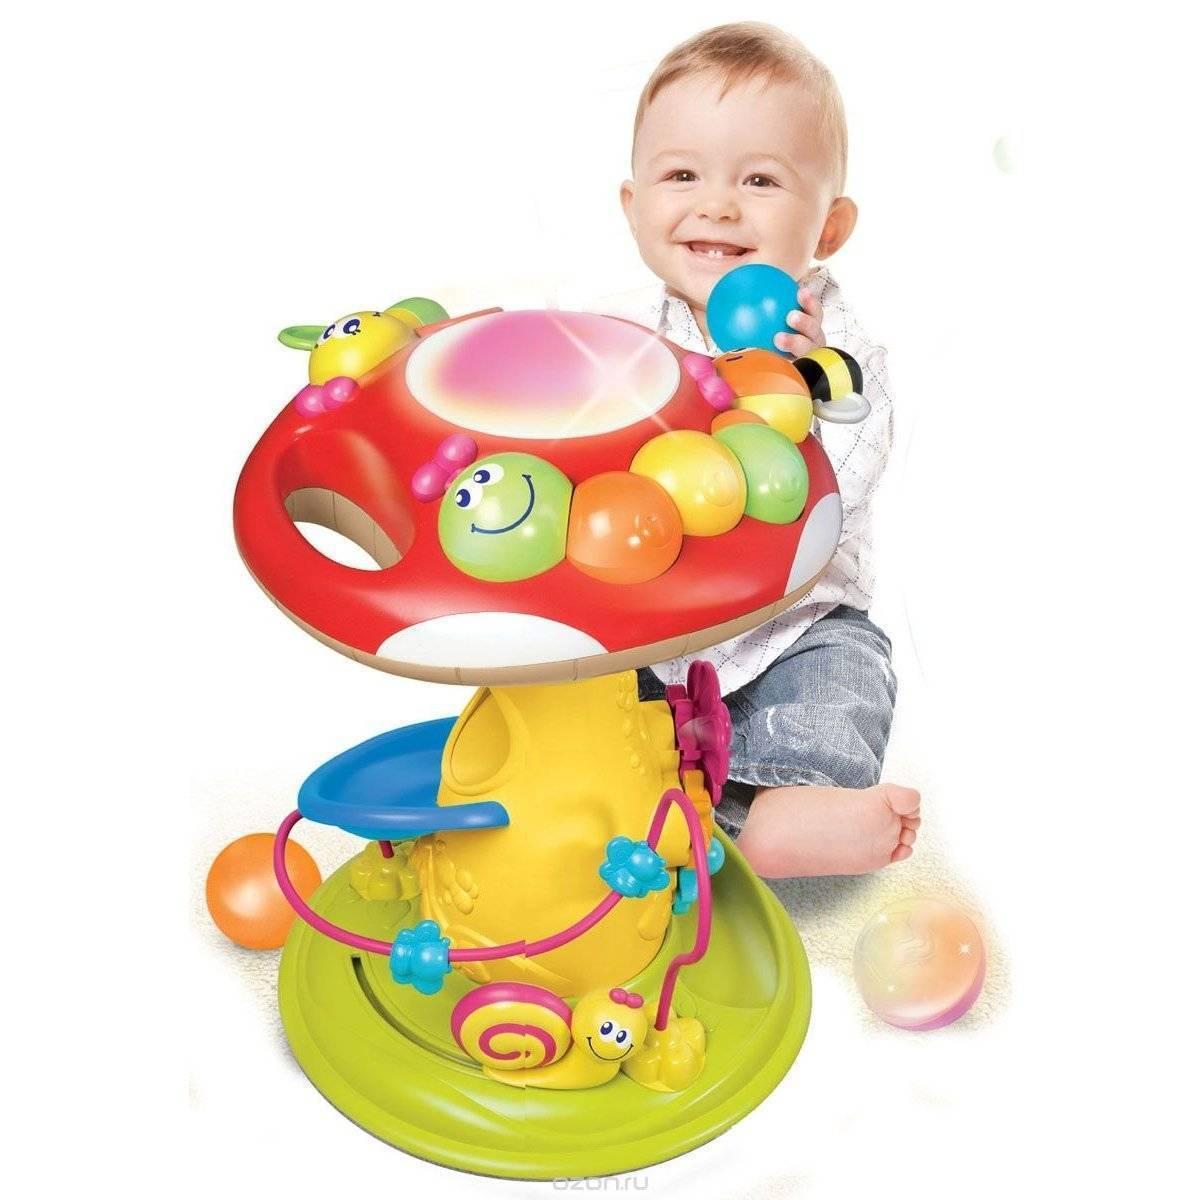 Топ-15 лучших развивающих игрушек для детей от 1 года